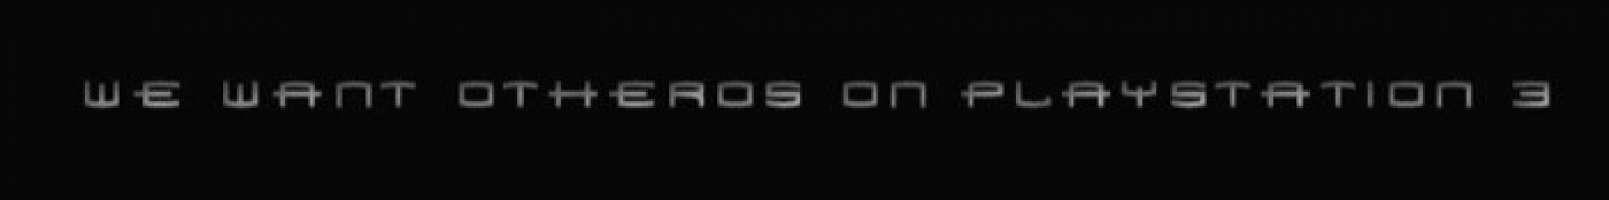 Sony ridacci la funzionalità OtherOS